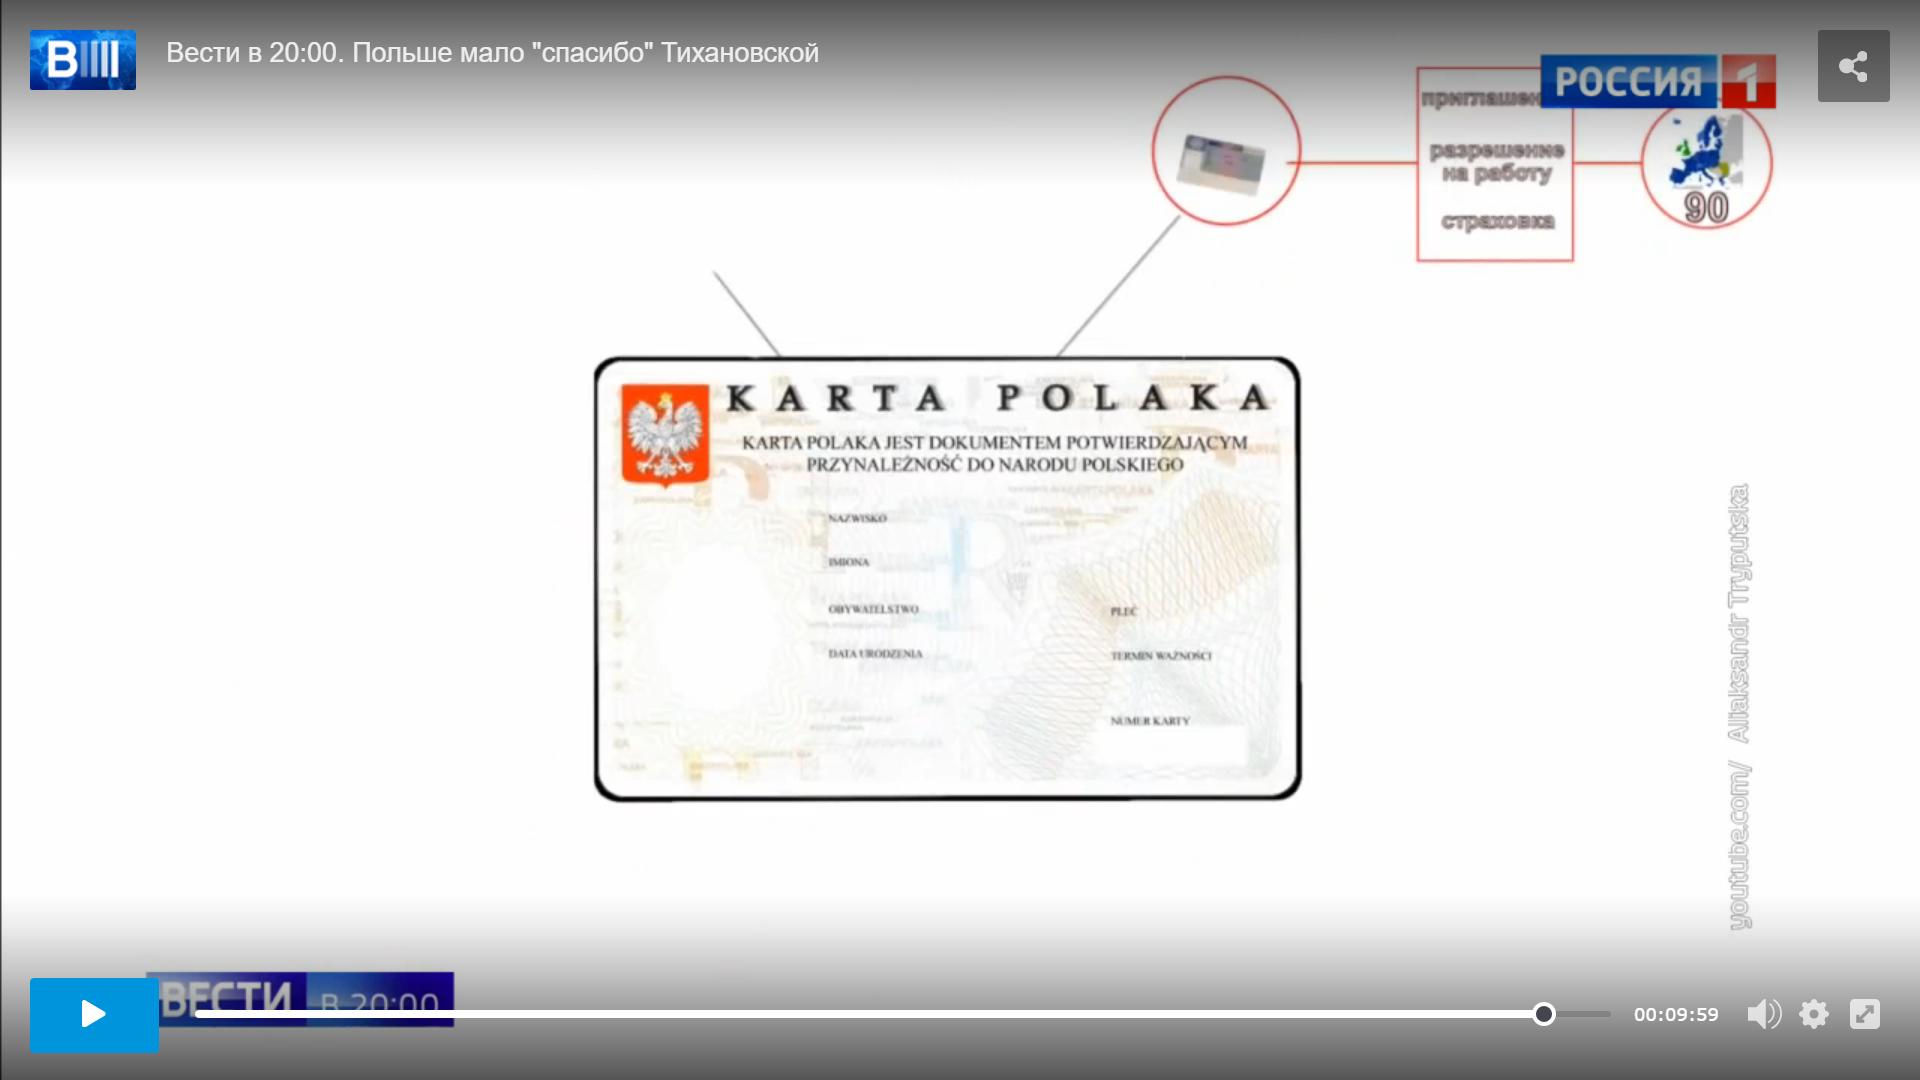 W materiale twierdzono także, że w TV Bielsat pomaga Białorusinom w zdobyciu Karty Polaka